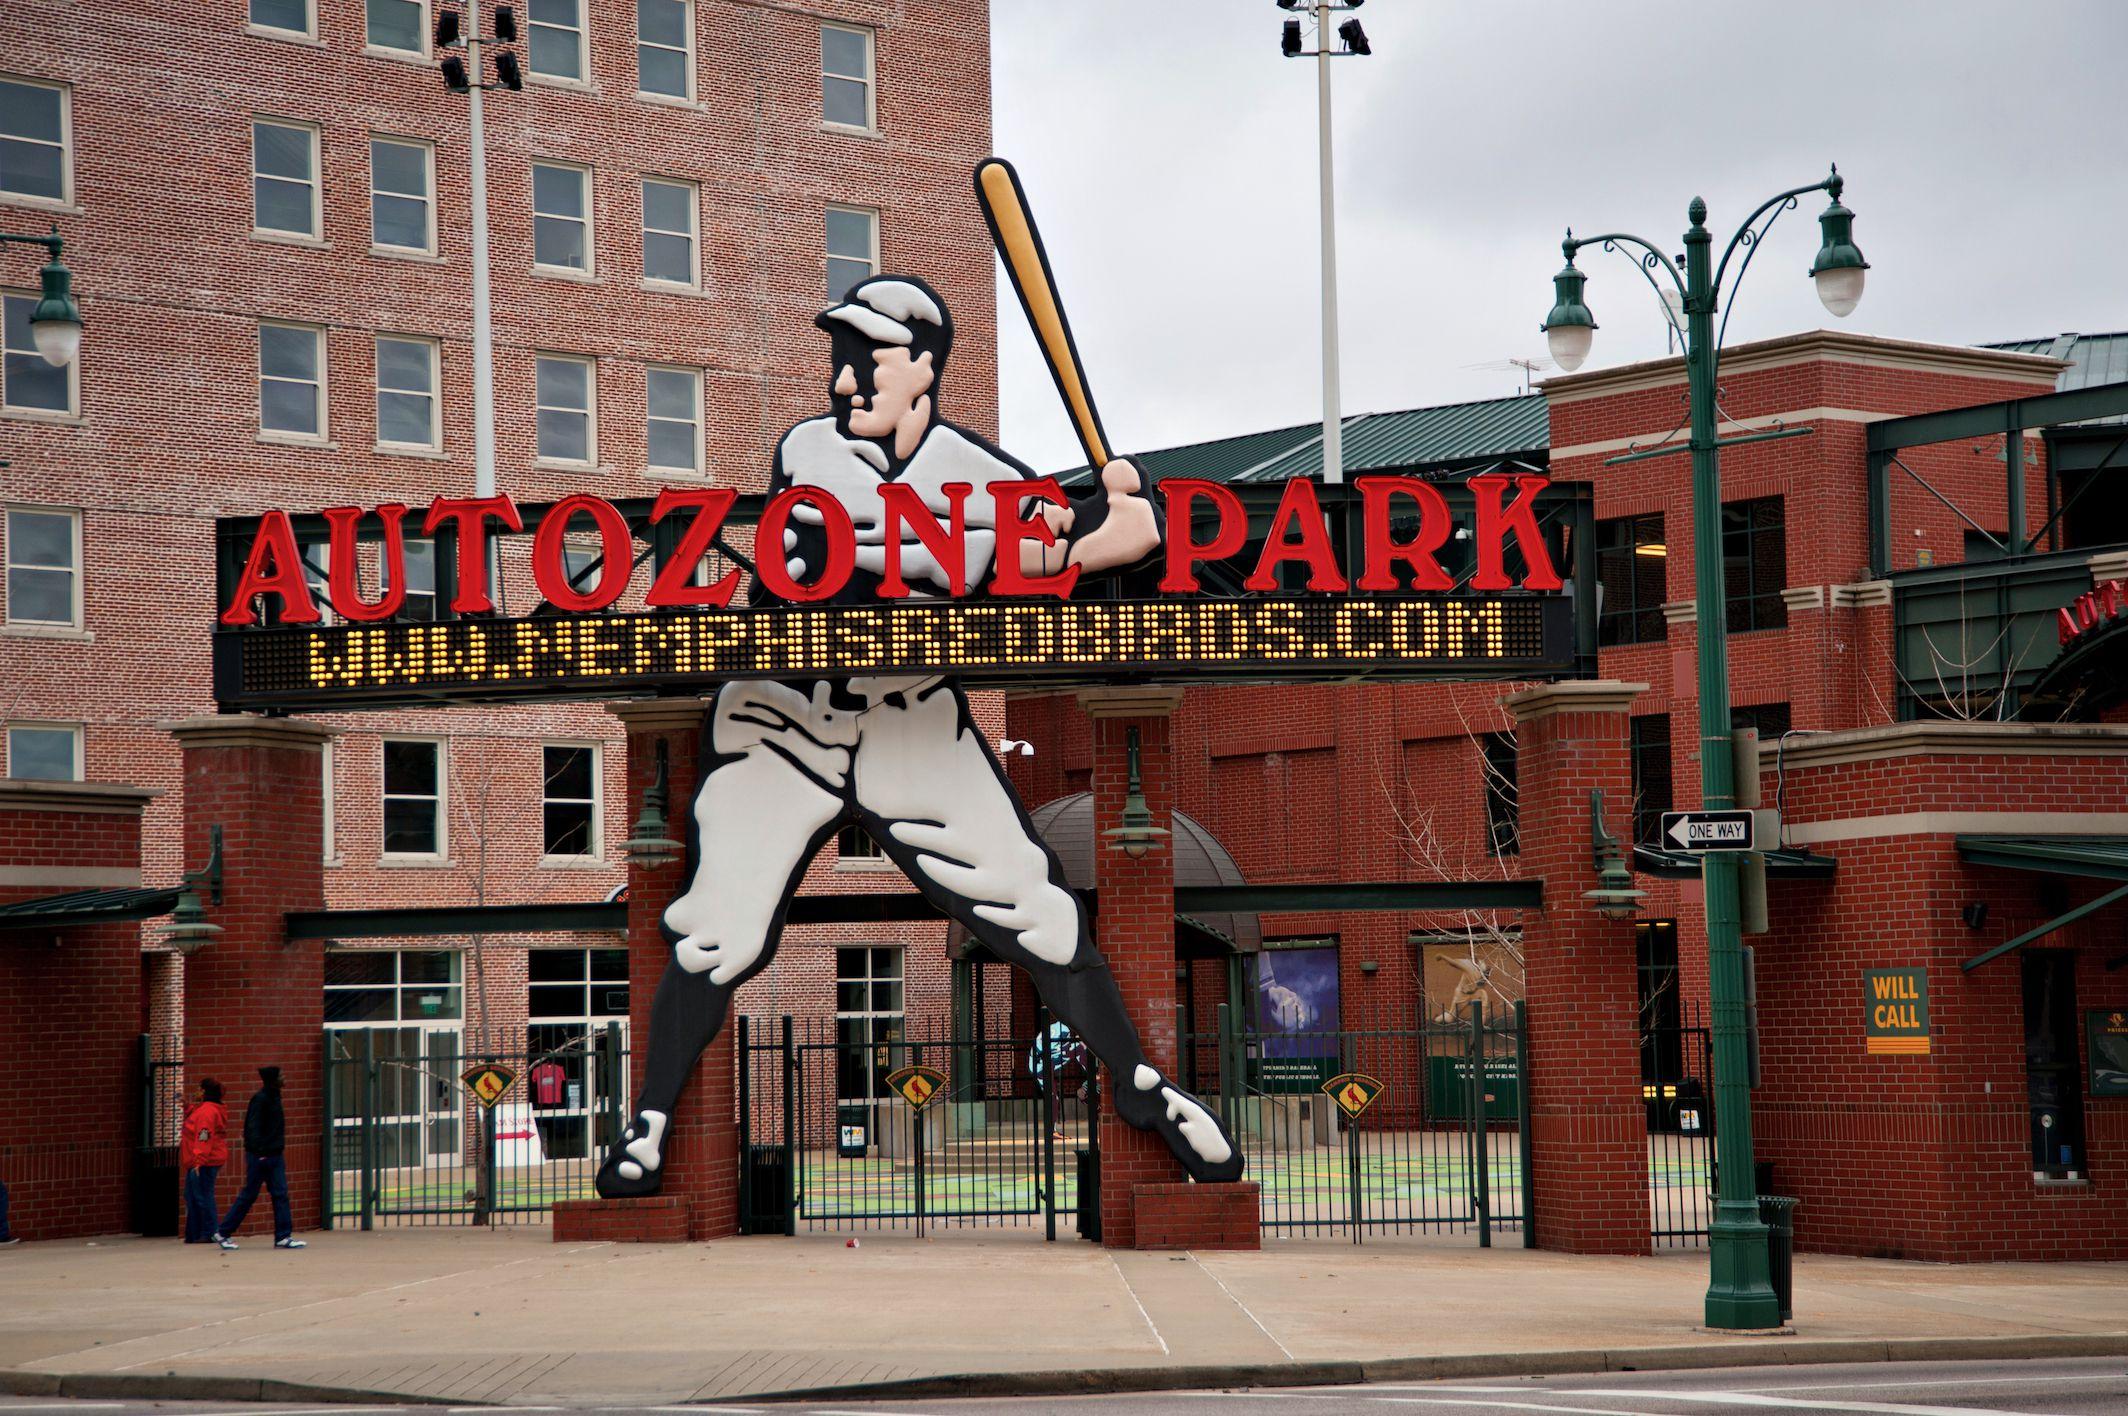 Memphis's Autozone Park